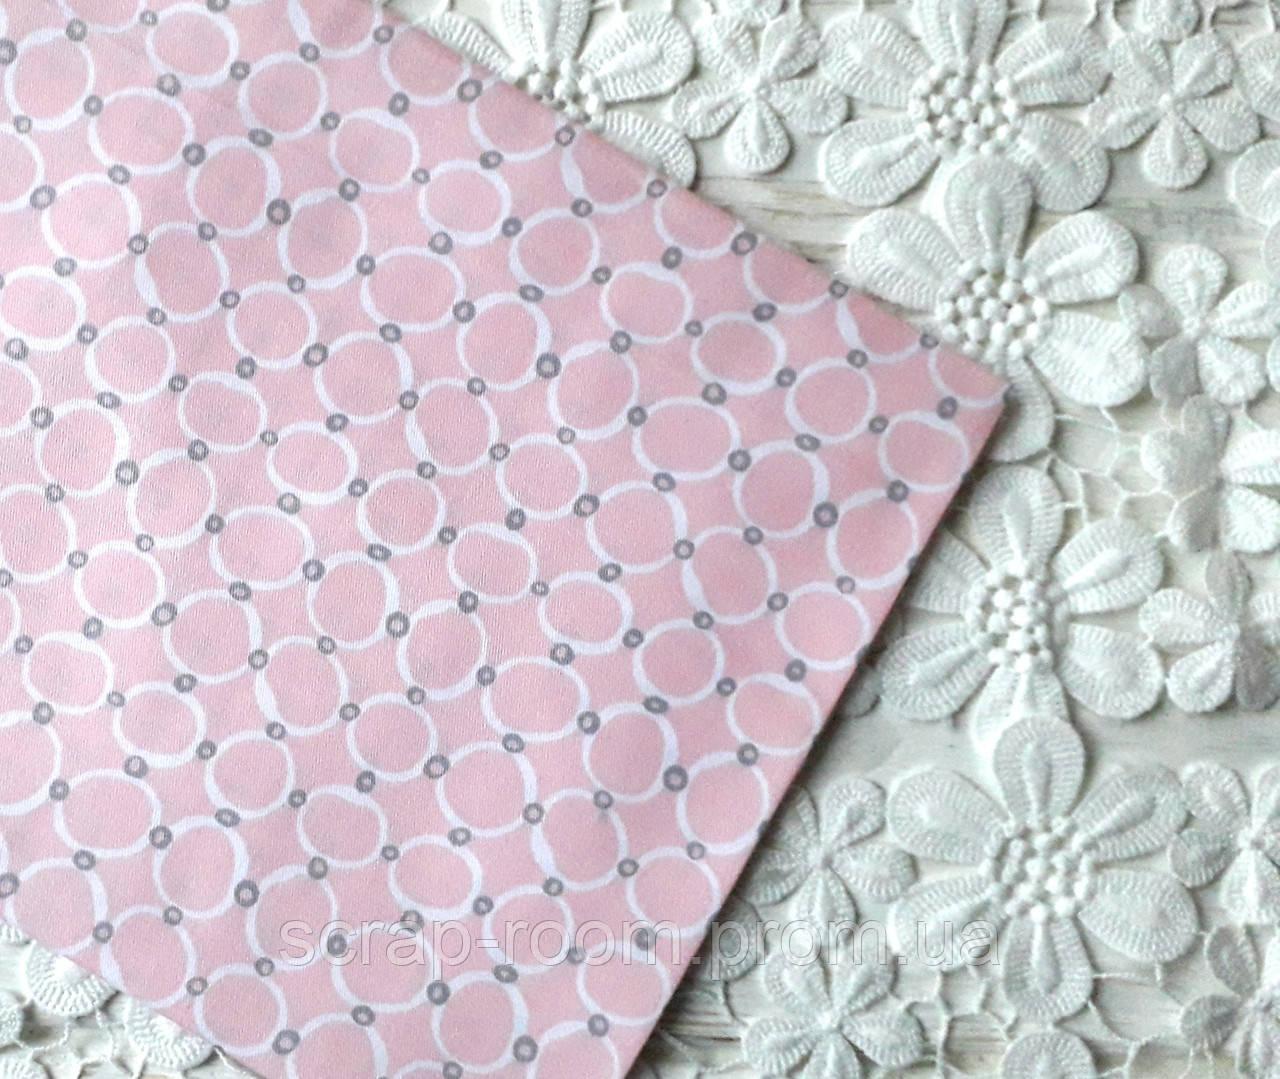 Ткань хлопок 100% Розовая с орнаментом, цветочный хлопок, Корея отрез 20 на 50 см